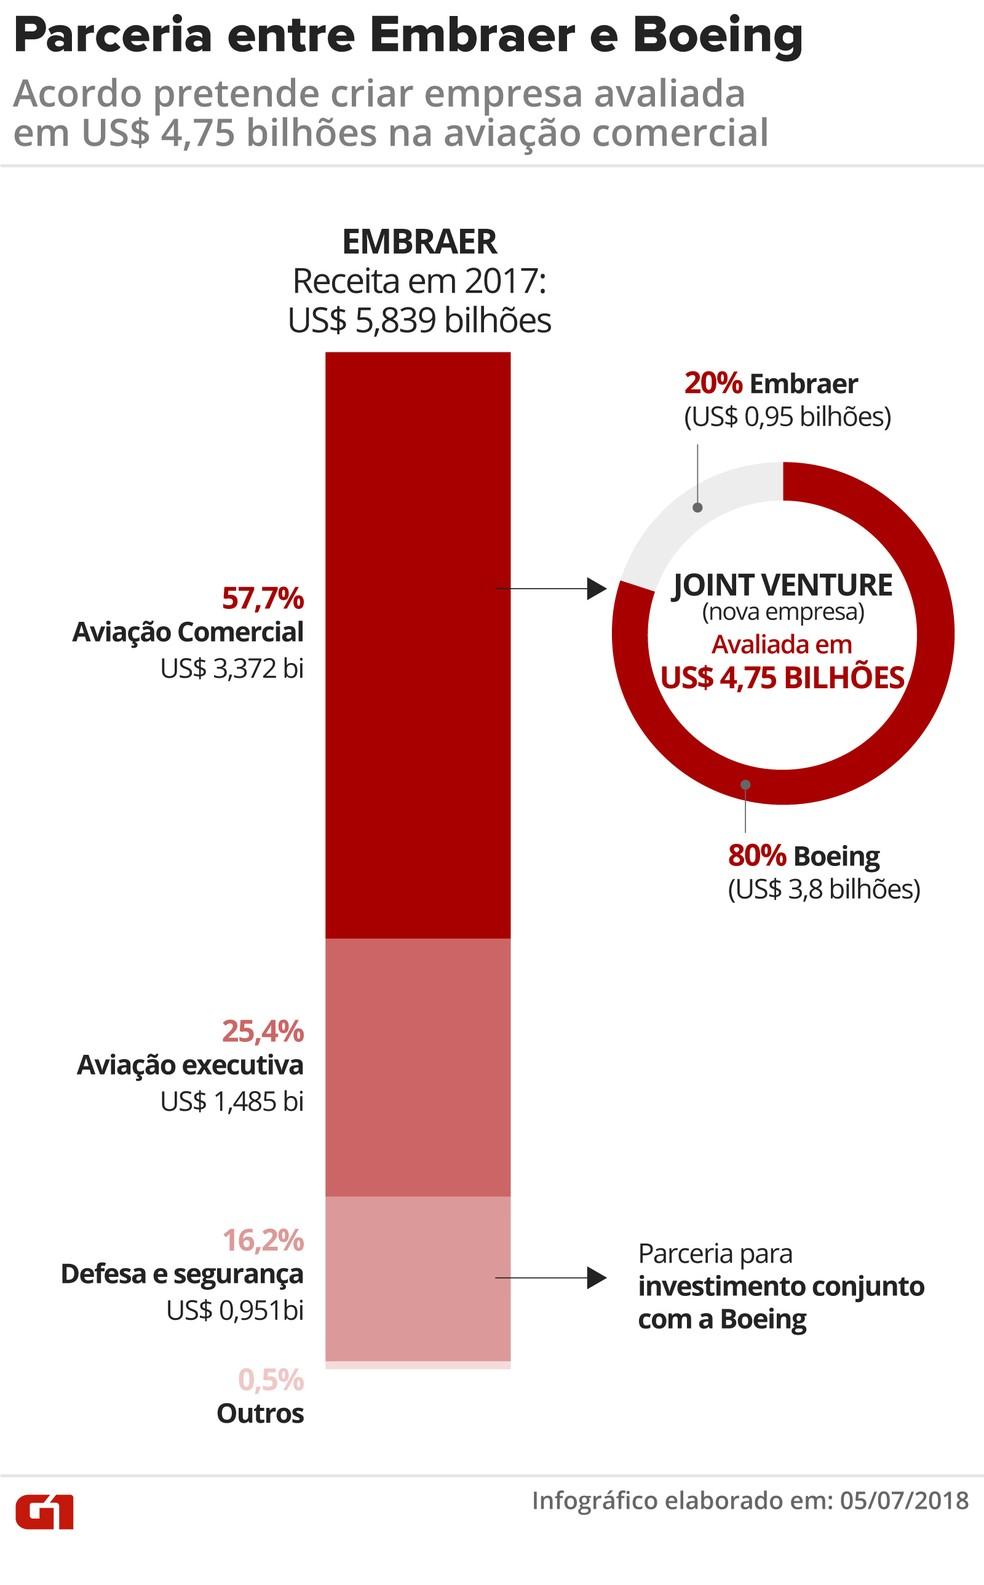 Parceria entre Embraer e Boeing cria empresa de aviação comercial de US$ 4,75 bilhões. (Foto: Juliane Almeida/G1)